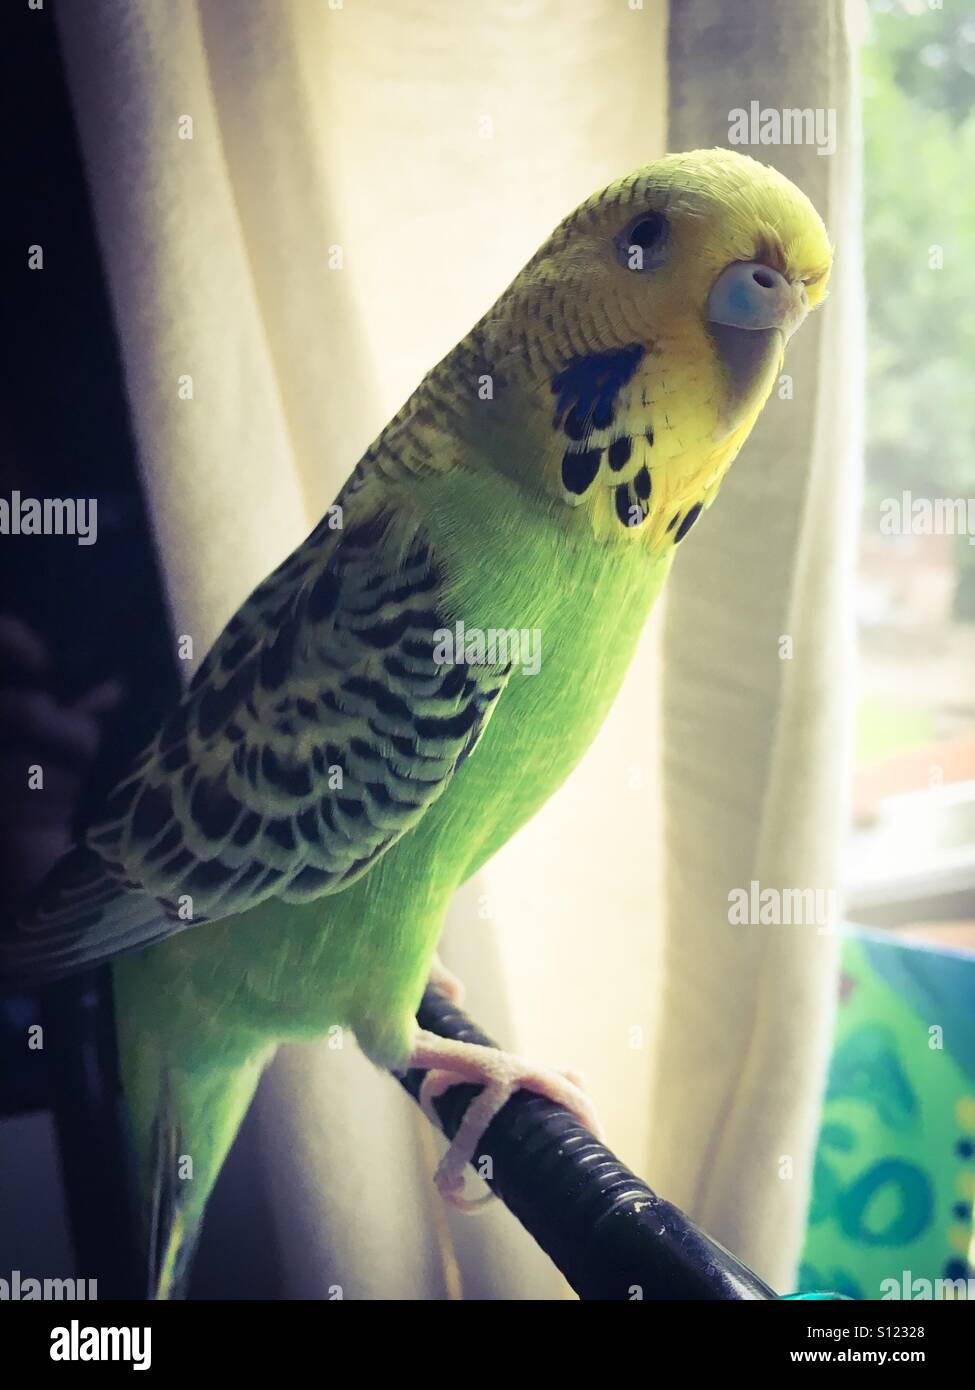 Un budgie pet verde y amarillo. Imagen De Stock